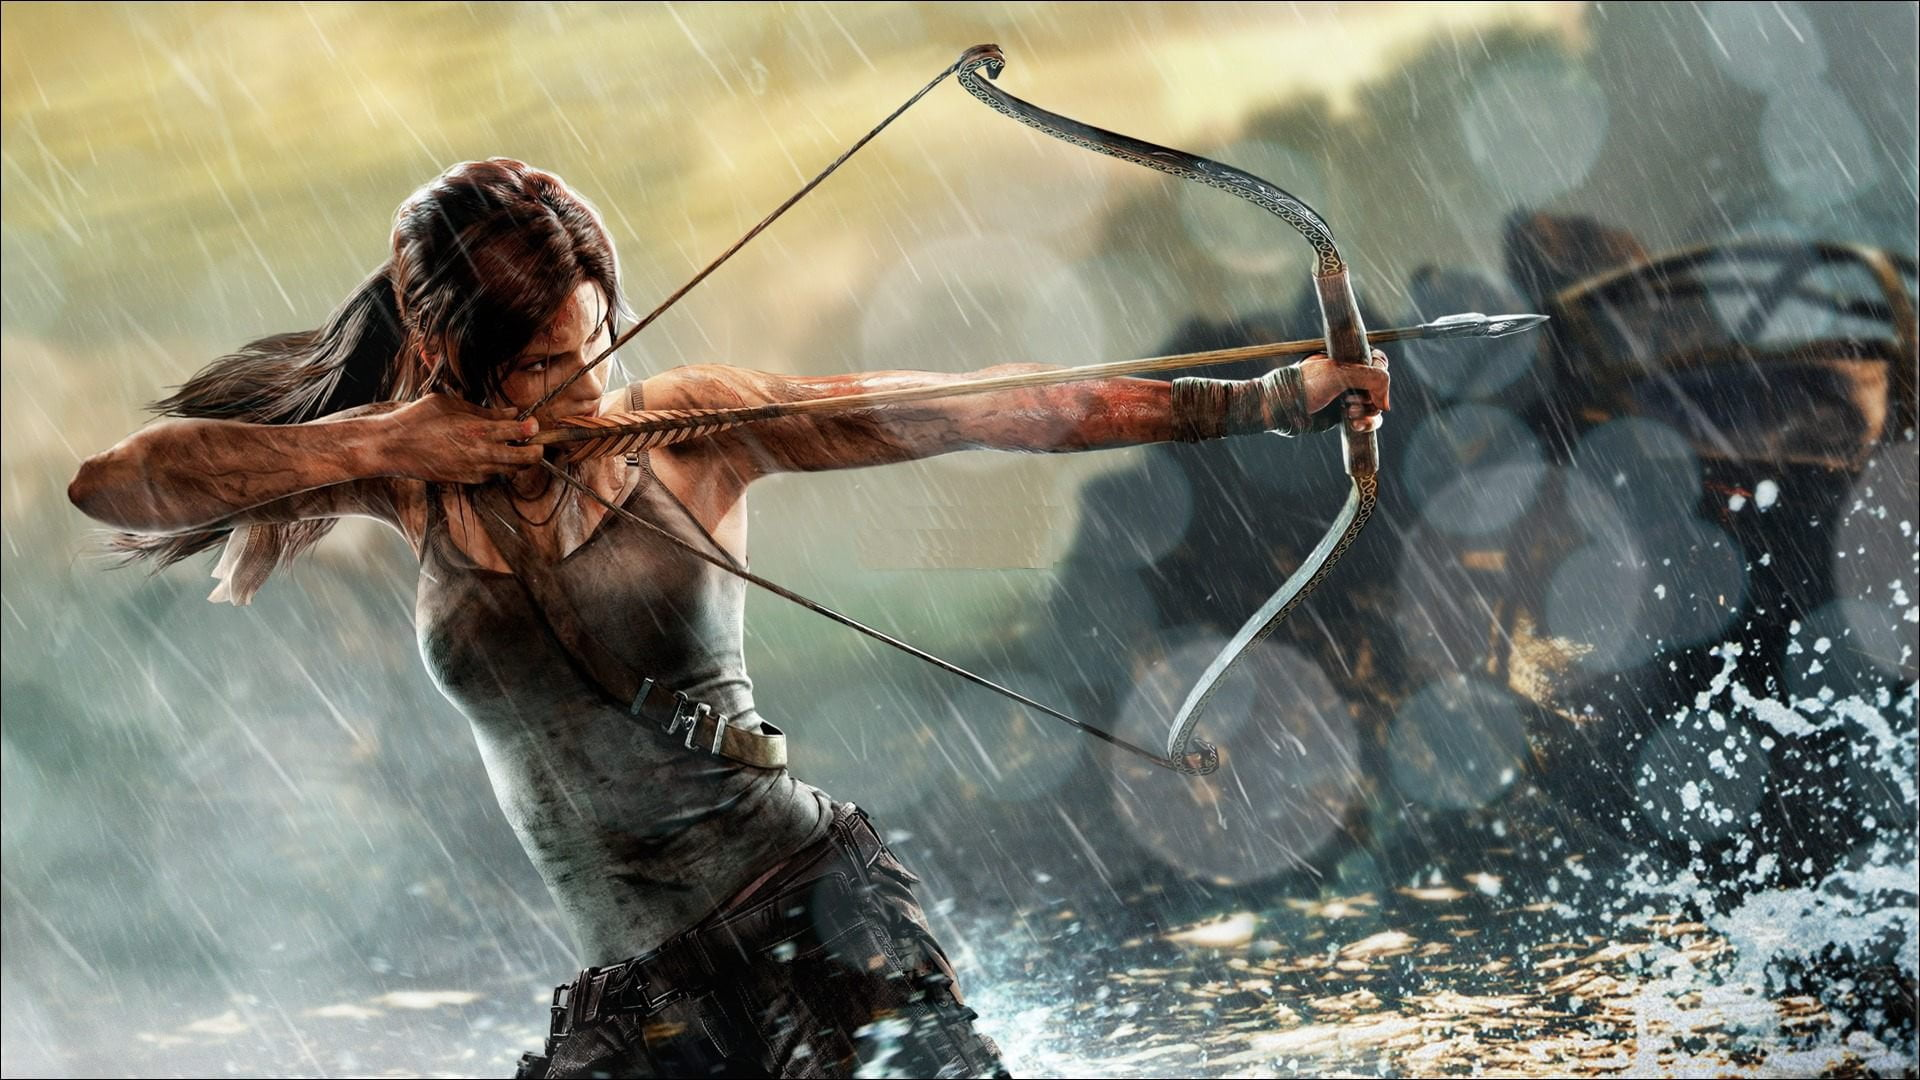 Lara Croft apuntando con un arco